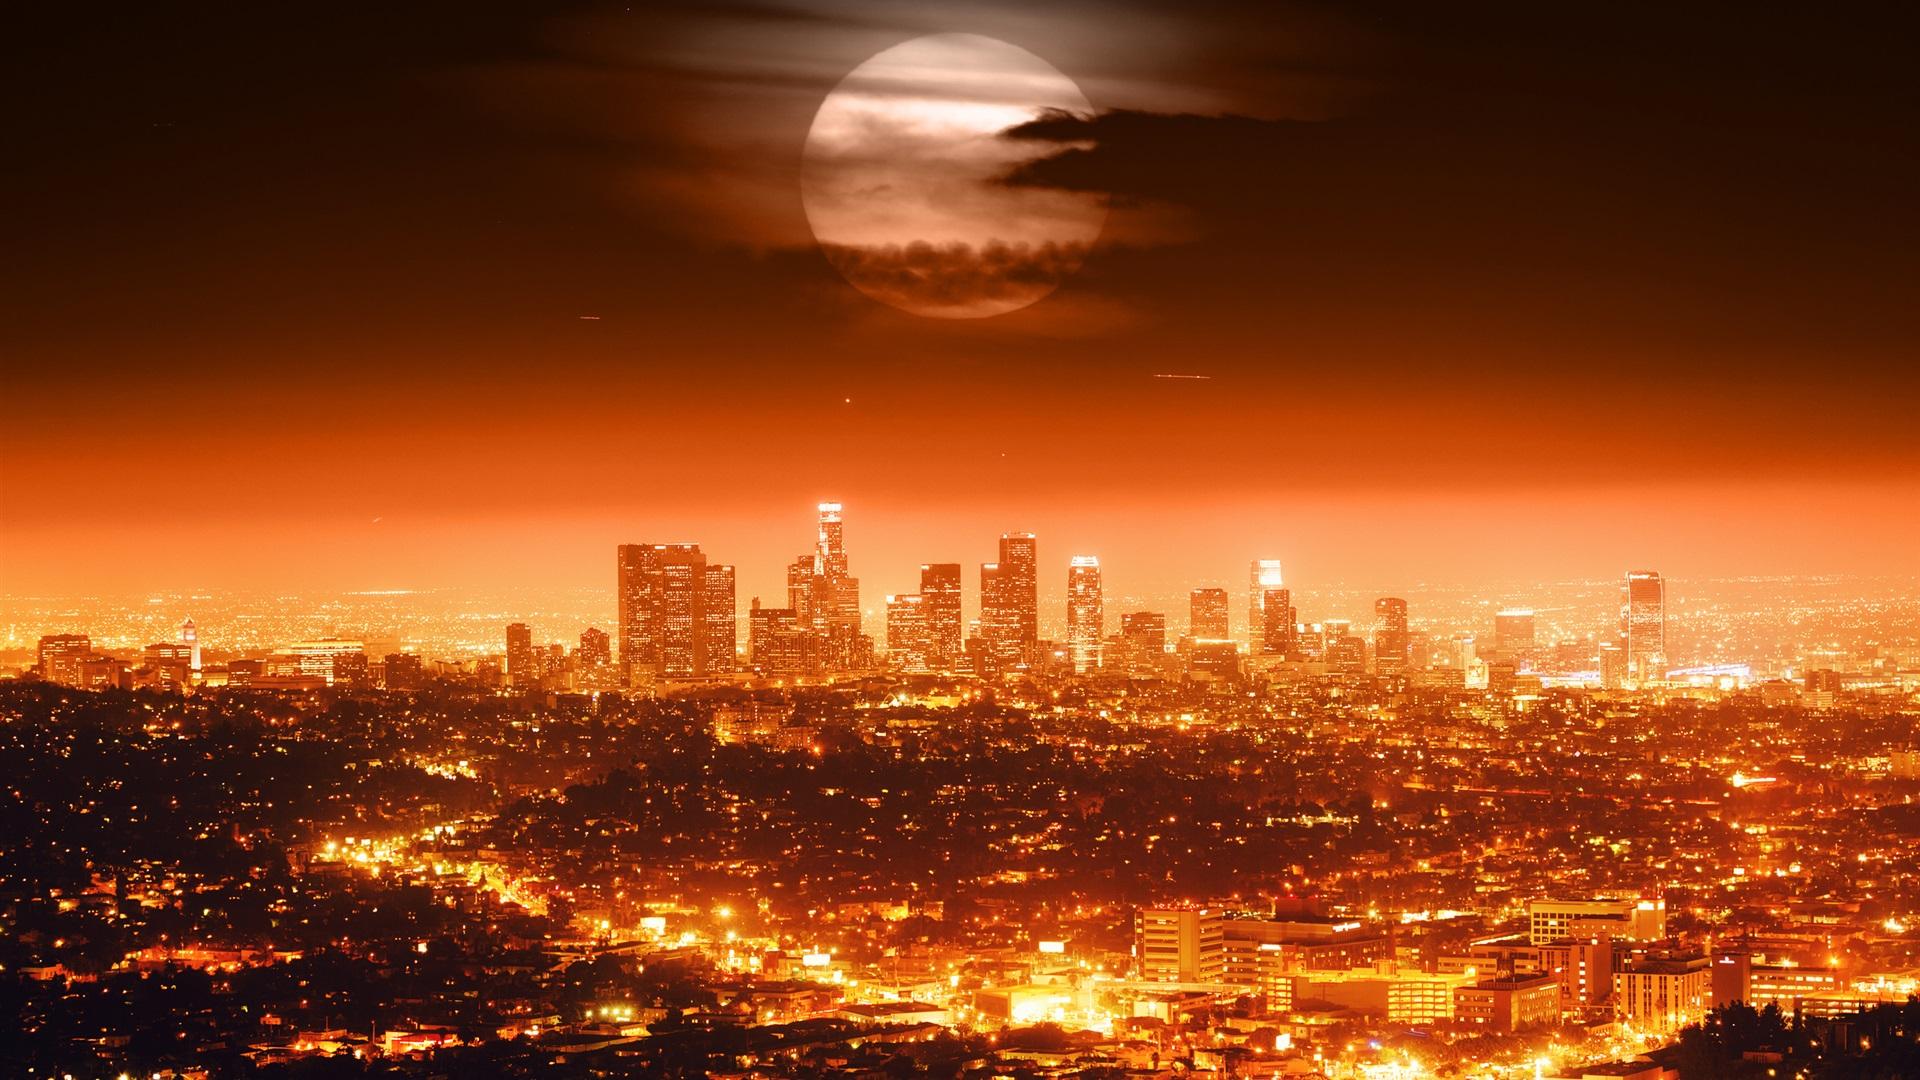 pleine lune etats unis los angeles nuit ville lumi res paysages urbains le style rouge. Black Bedroom Furniture Sets. Home Design Ideas